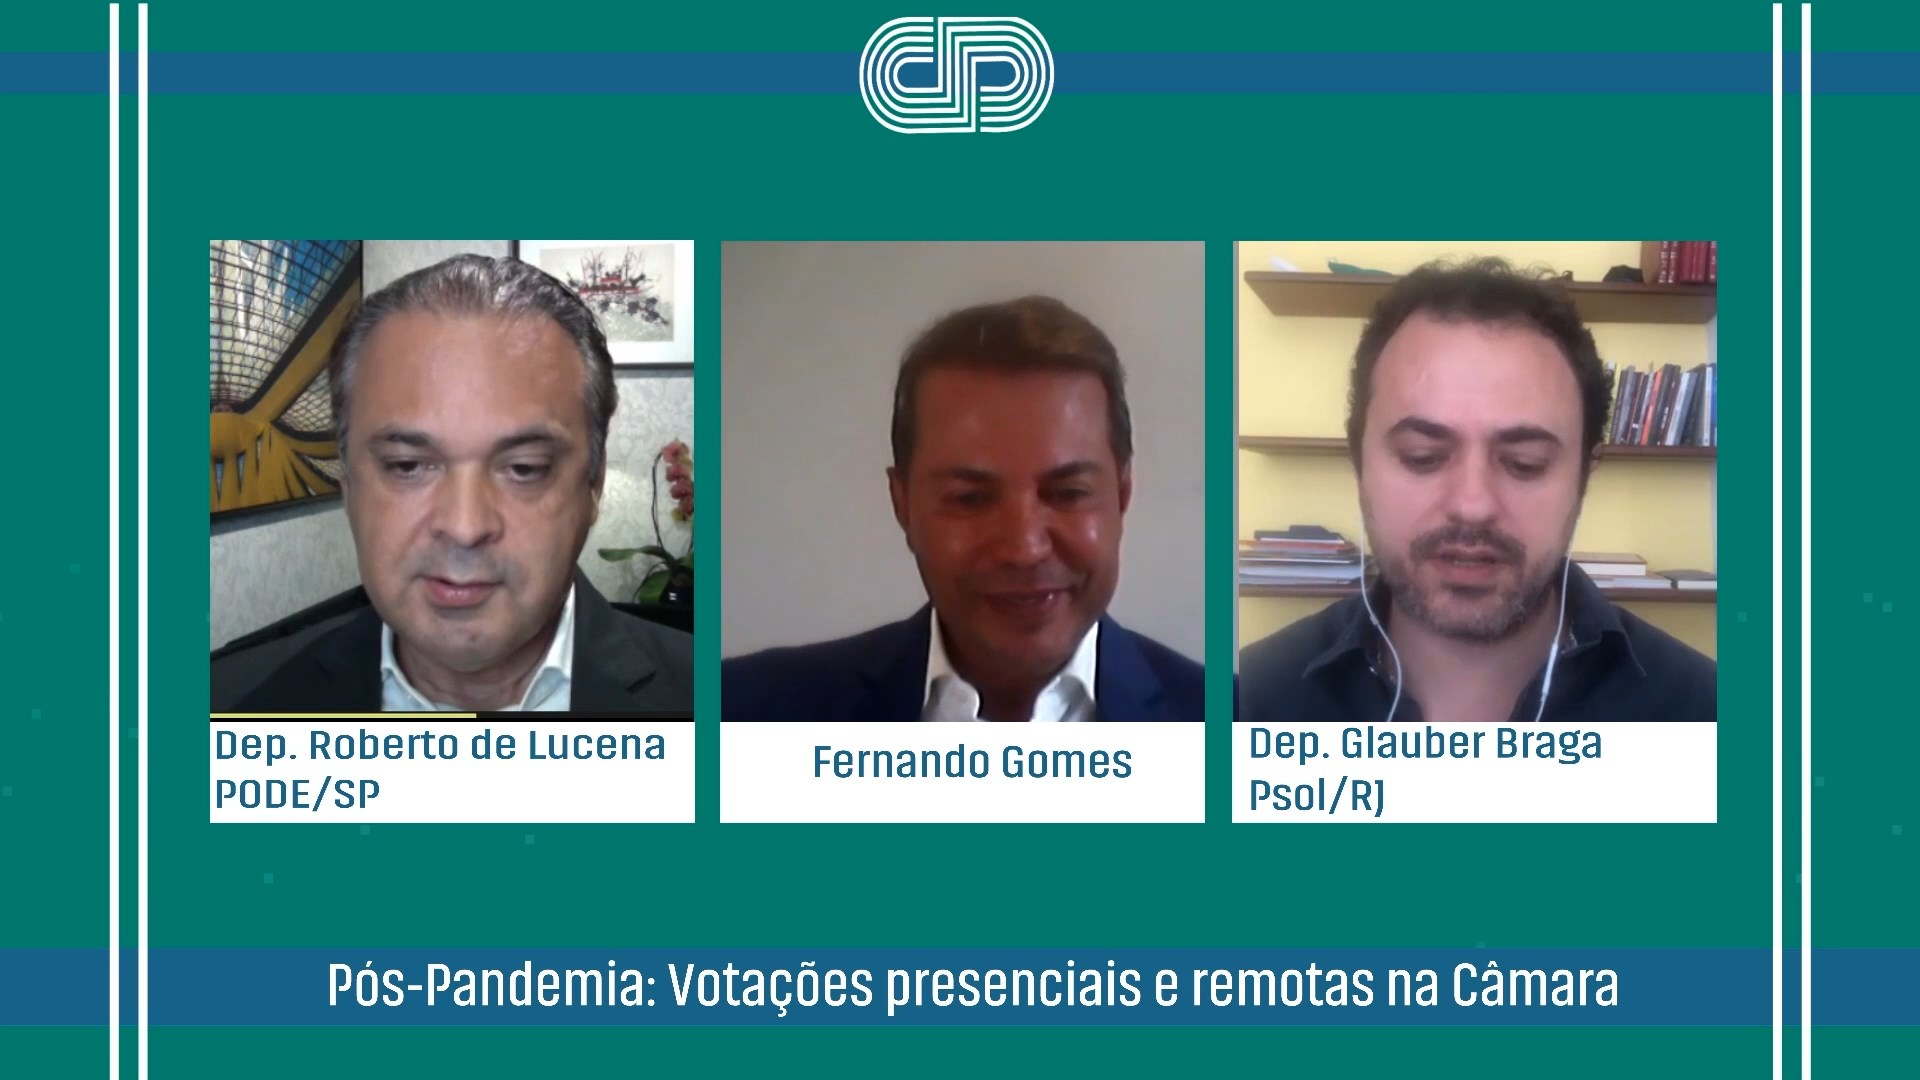 Deputados discordam da continuação das votações remotas pós-pandemia